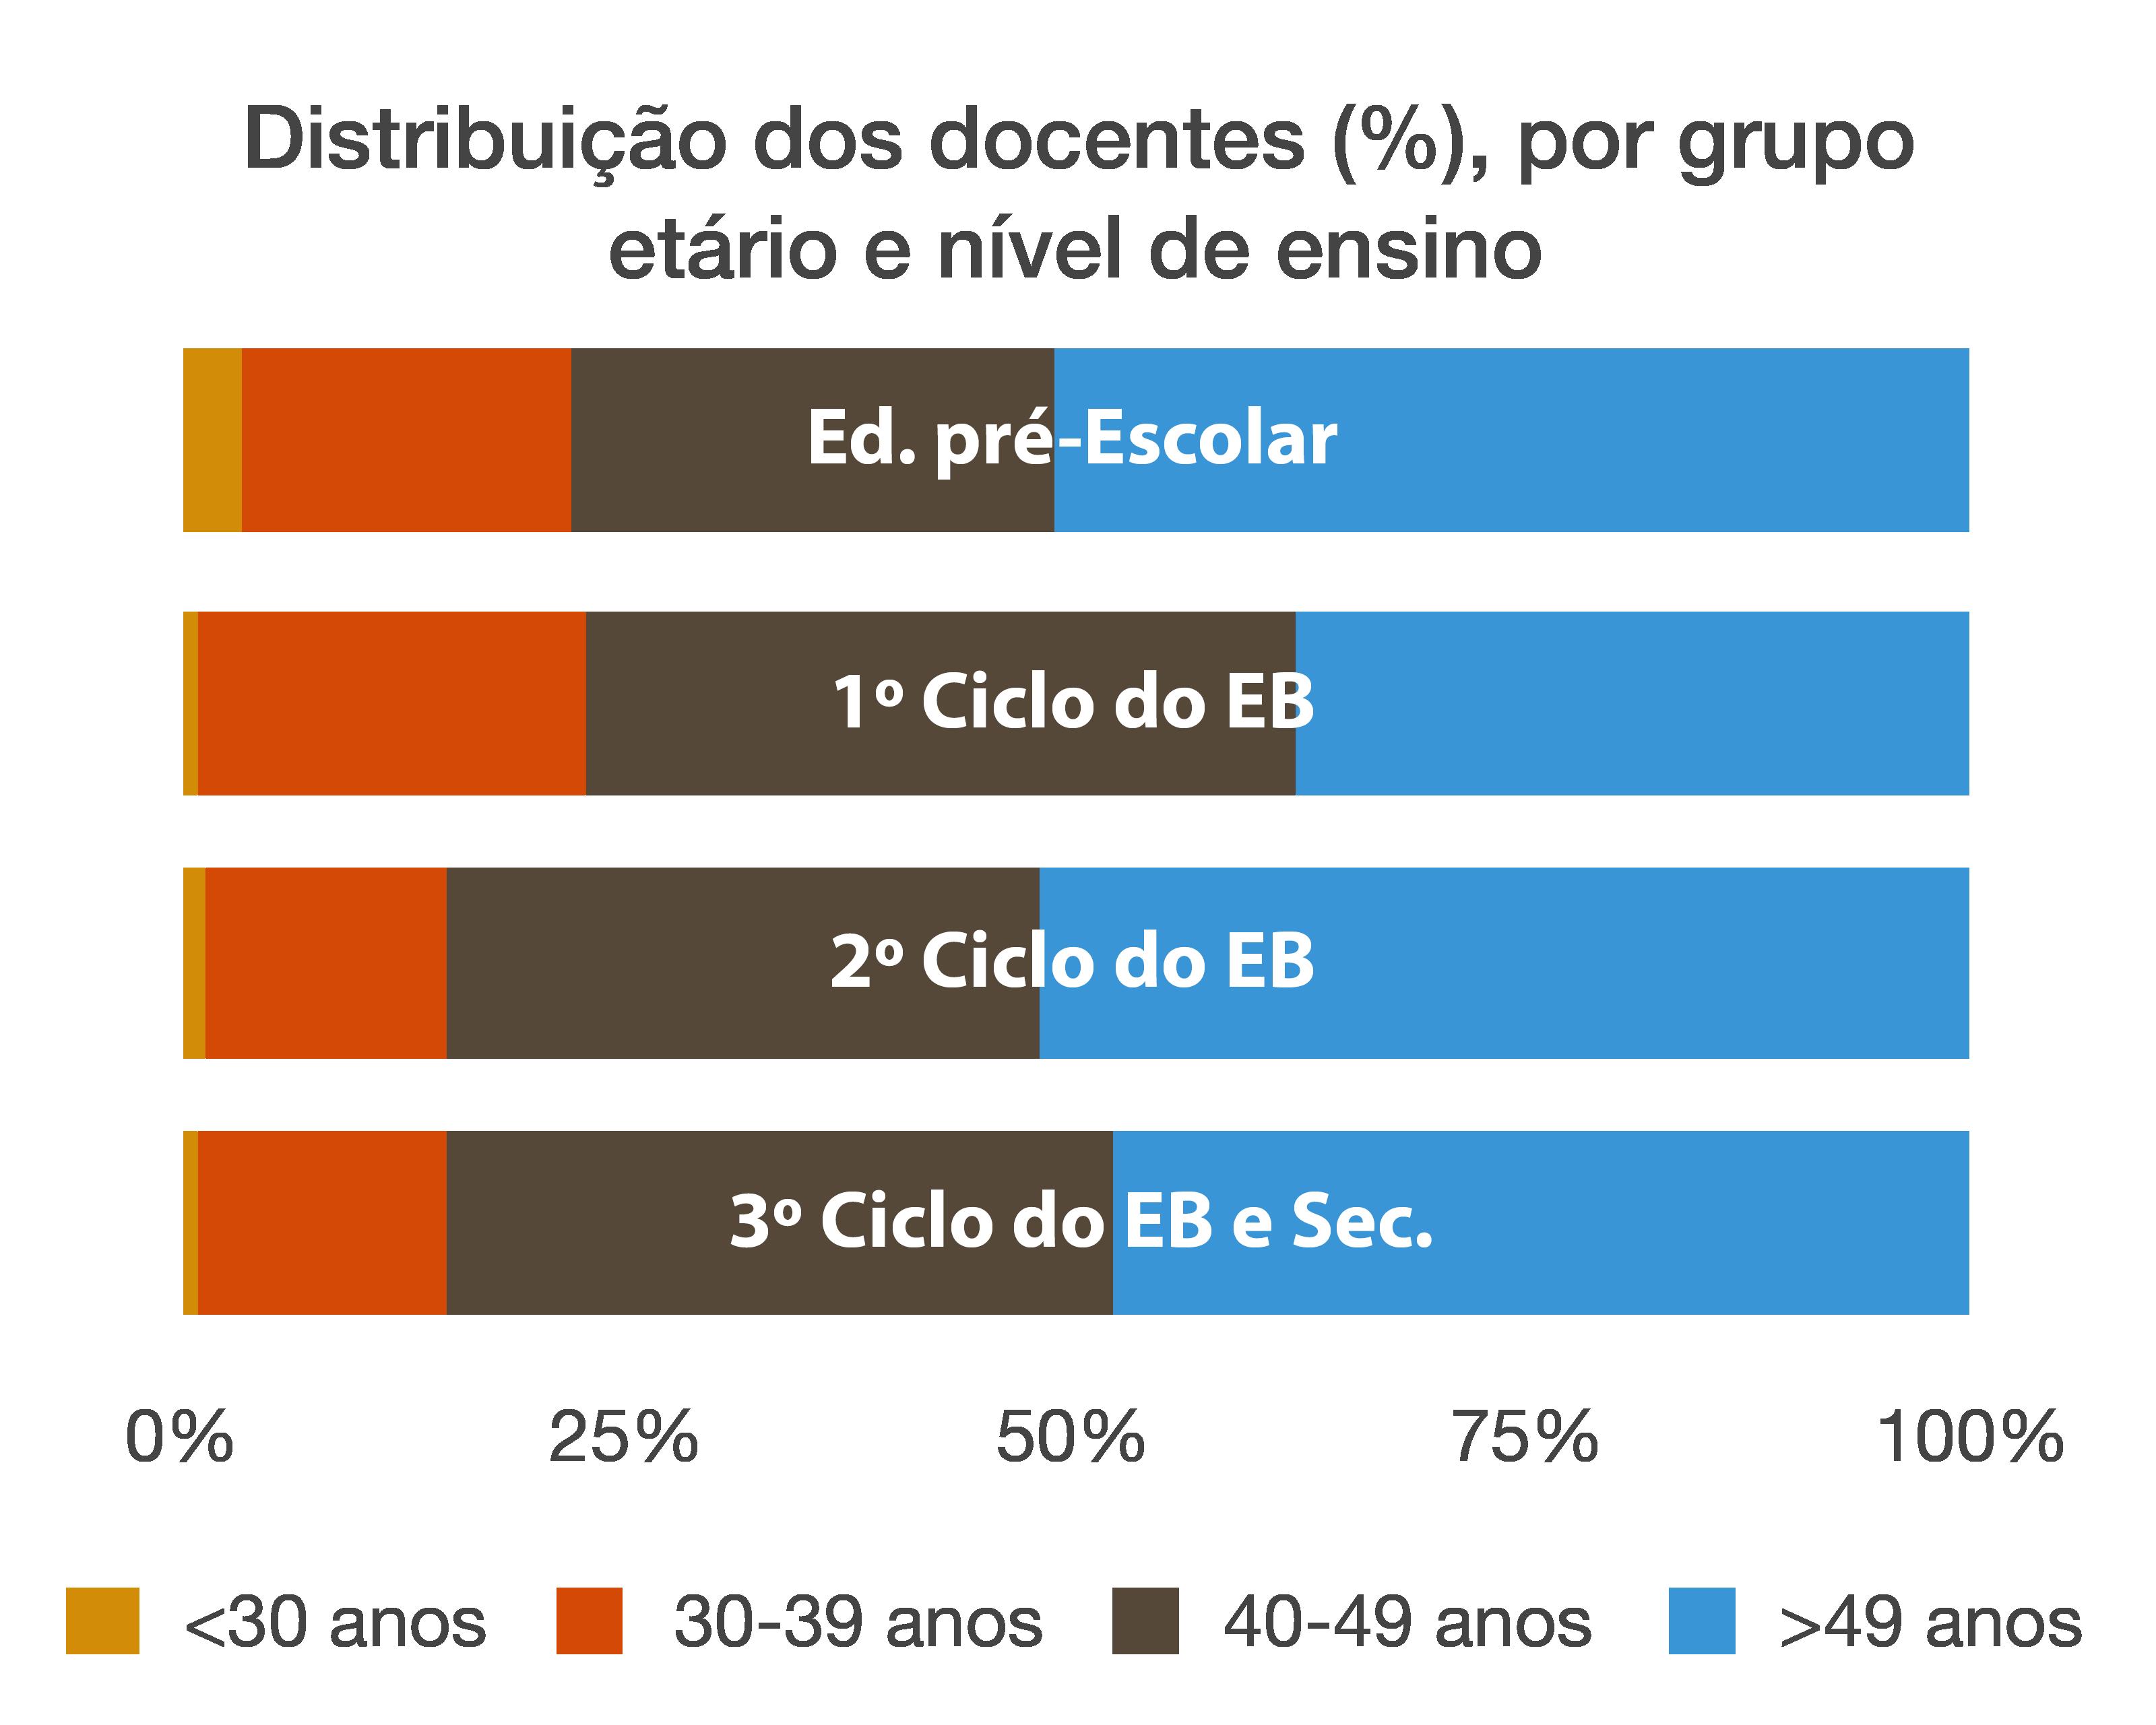 Distribuição dos docentes (%), por grupo etário e nível de ensino.